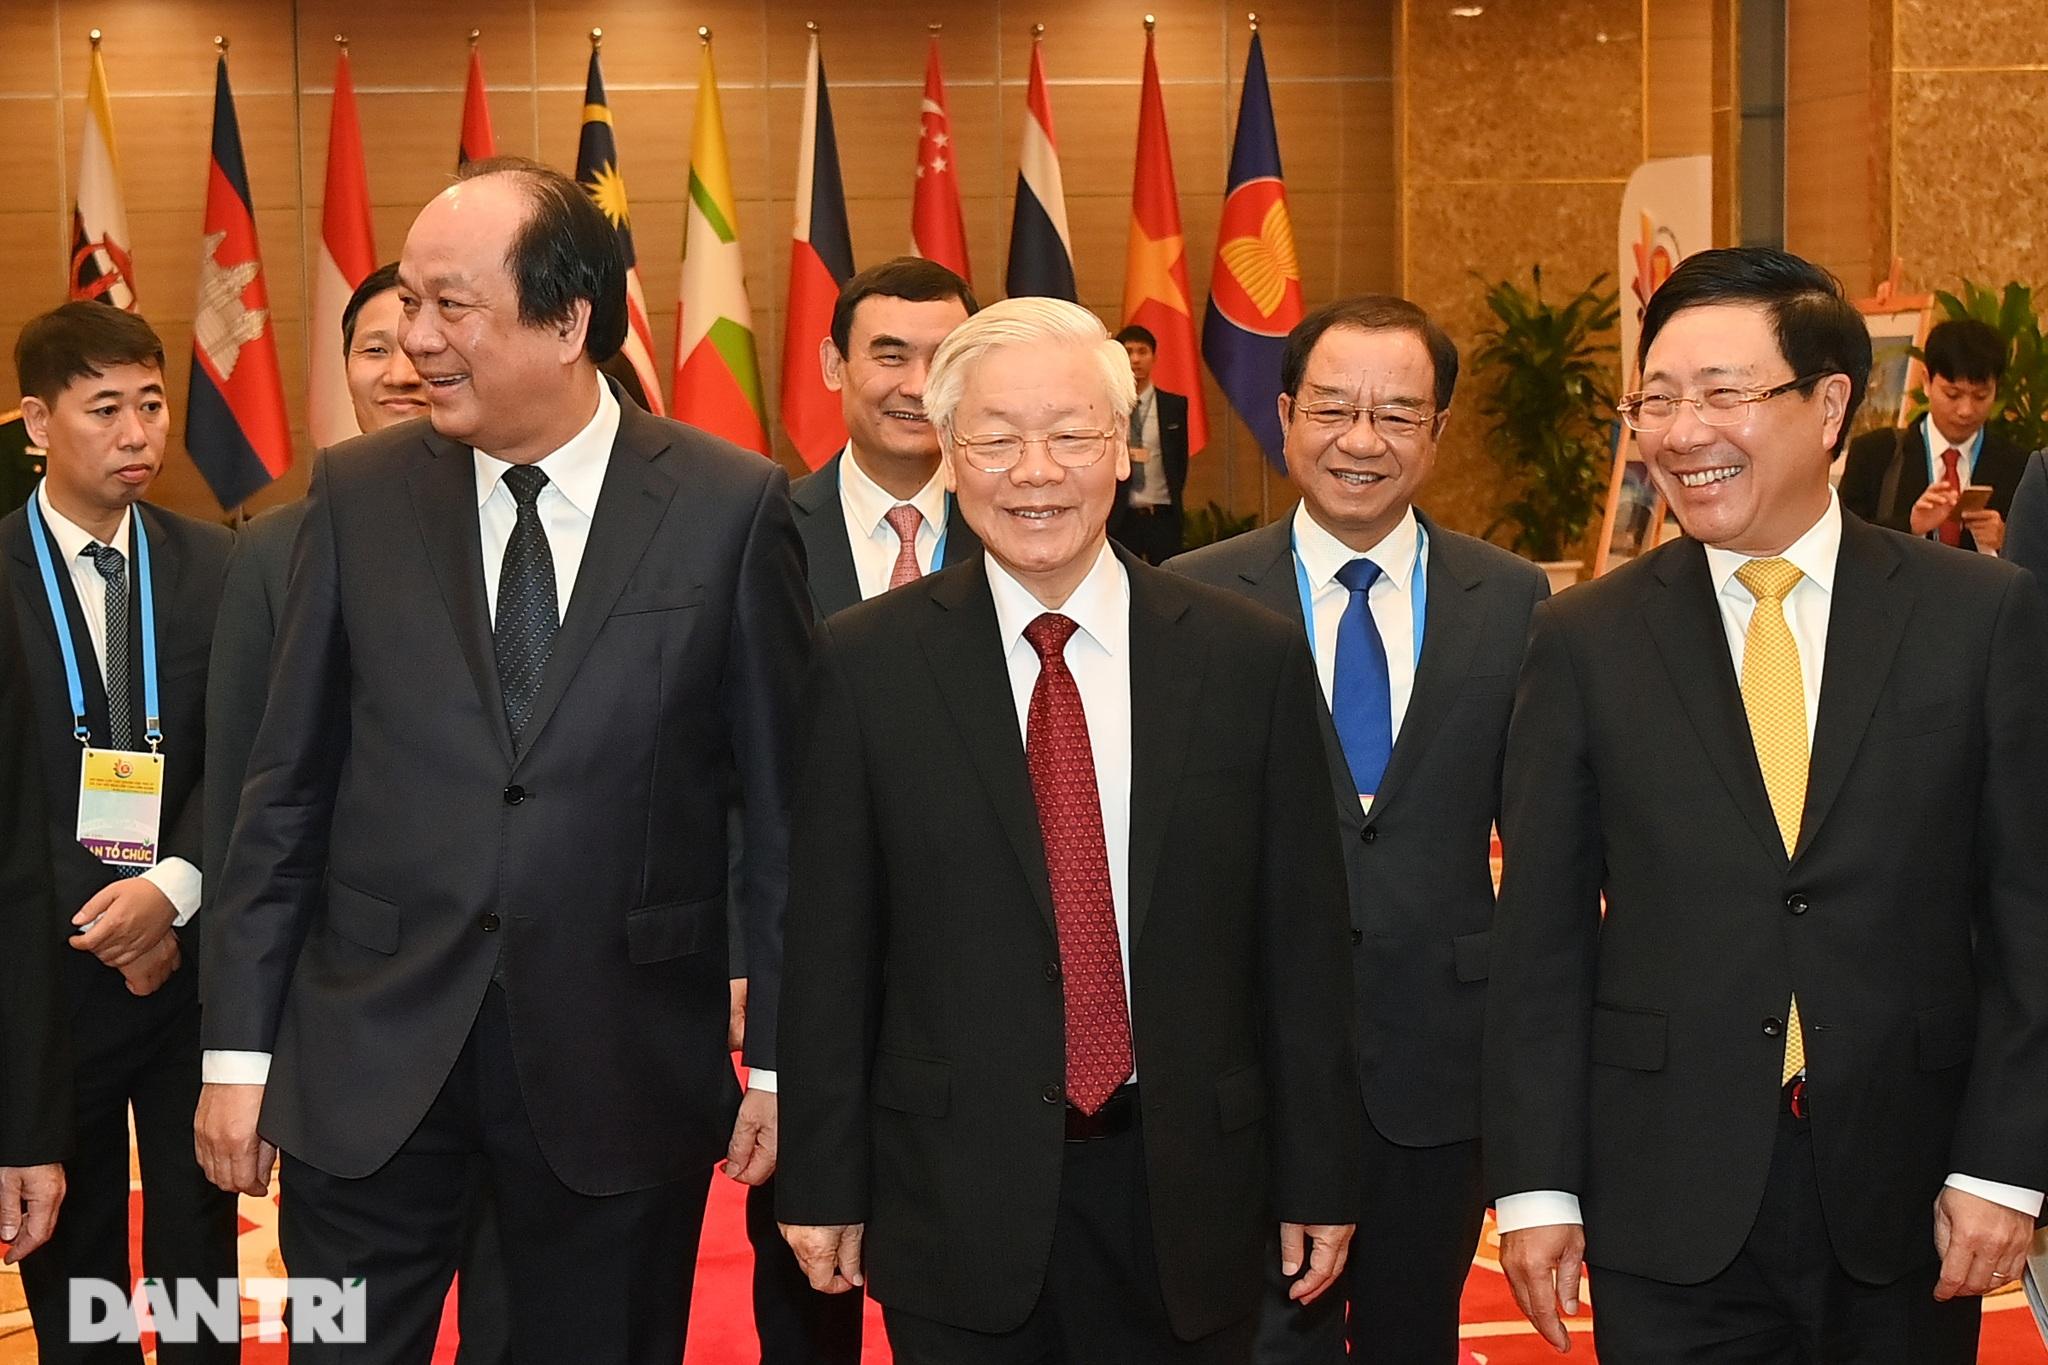 Lãnh đạo Đảng, Nhà nước dự khai mạc Hội nghị cấp cao ASEAN - 2